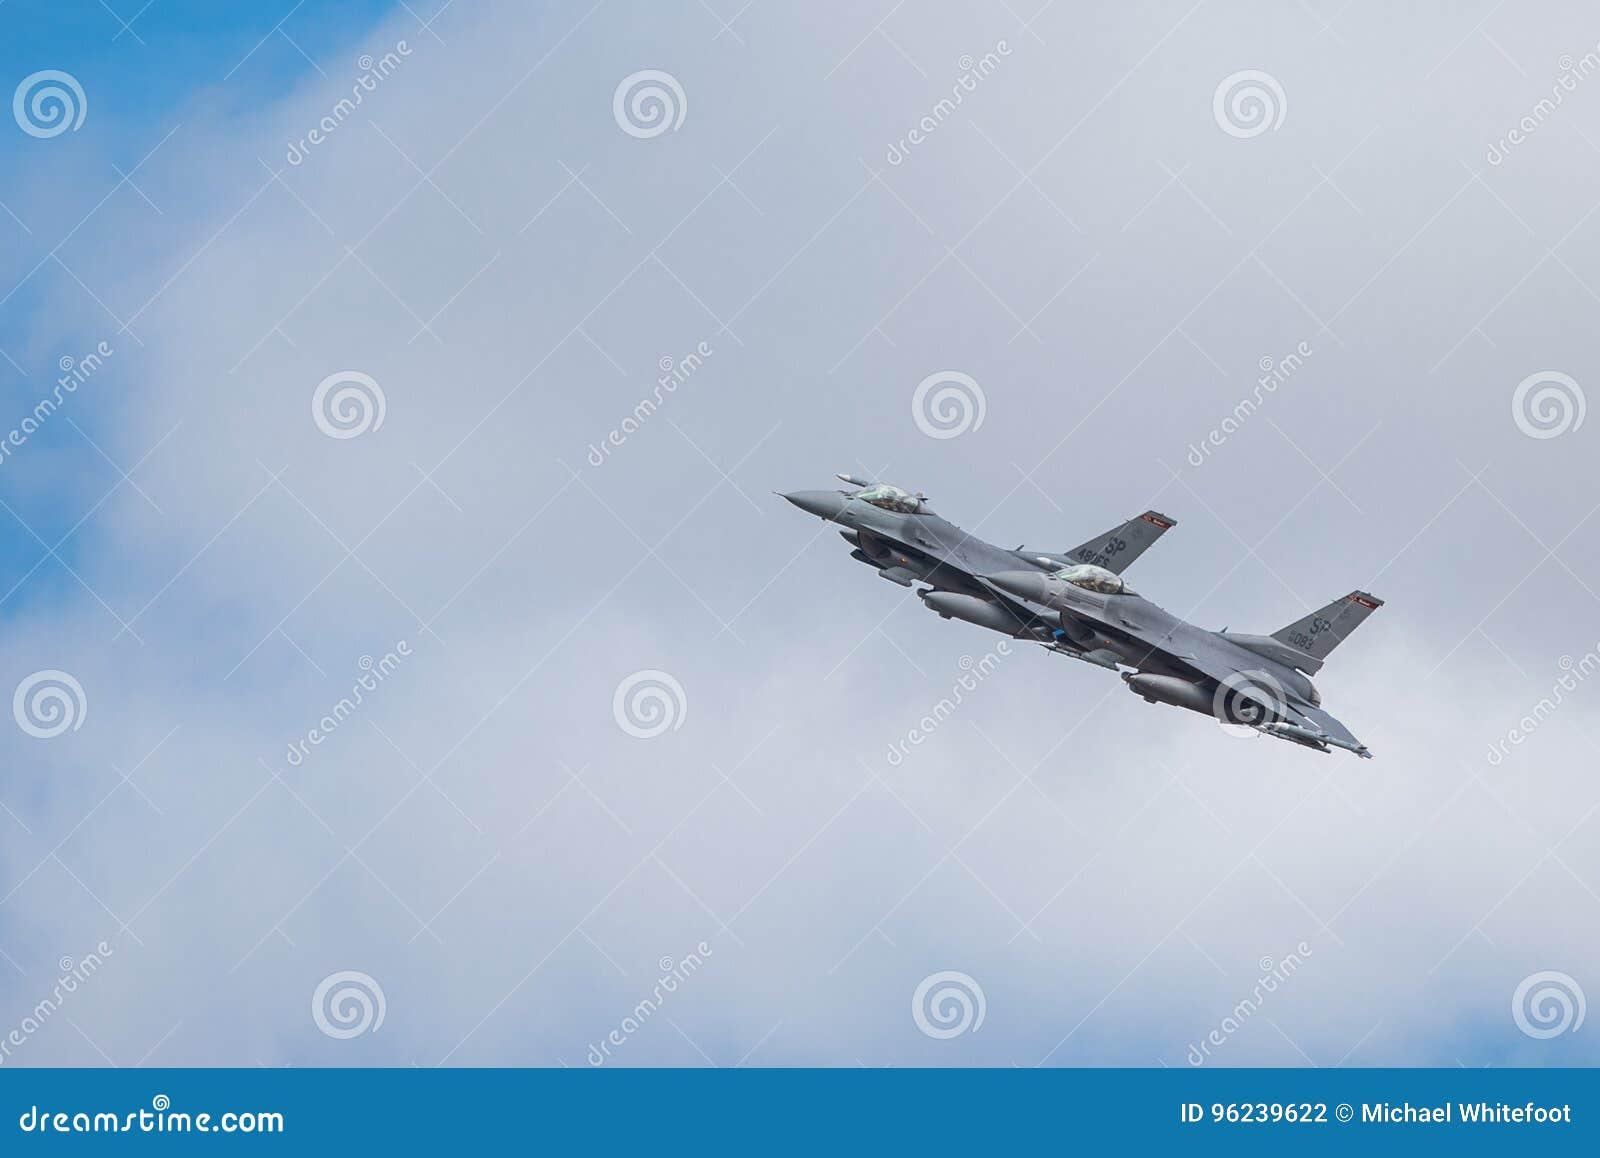 El halcón de la lucha del F-16 de General Dynamics es un avión de combate multiusos de jet desarrollado originalmente por General